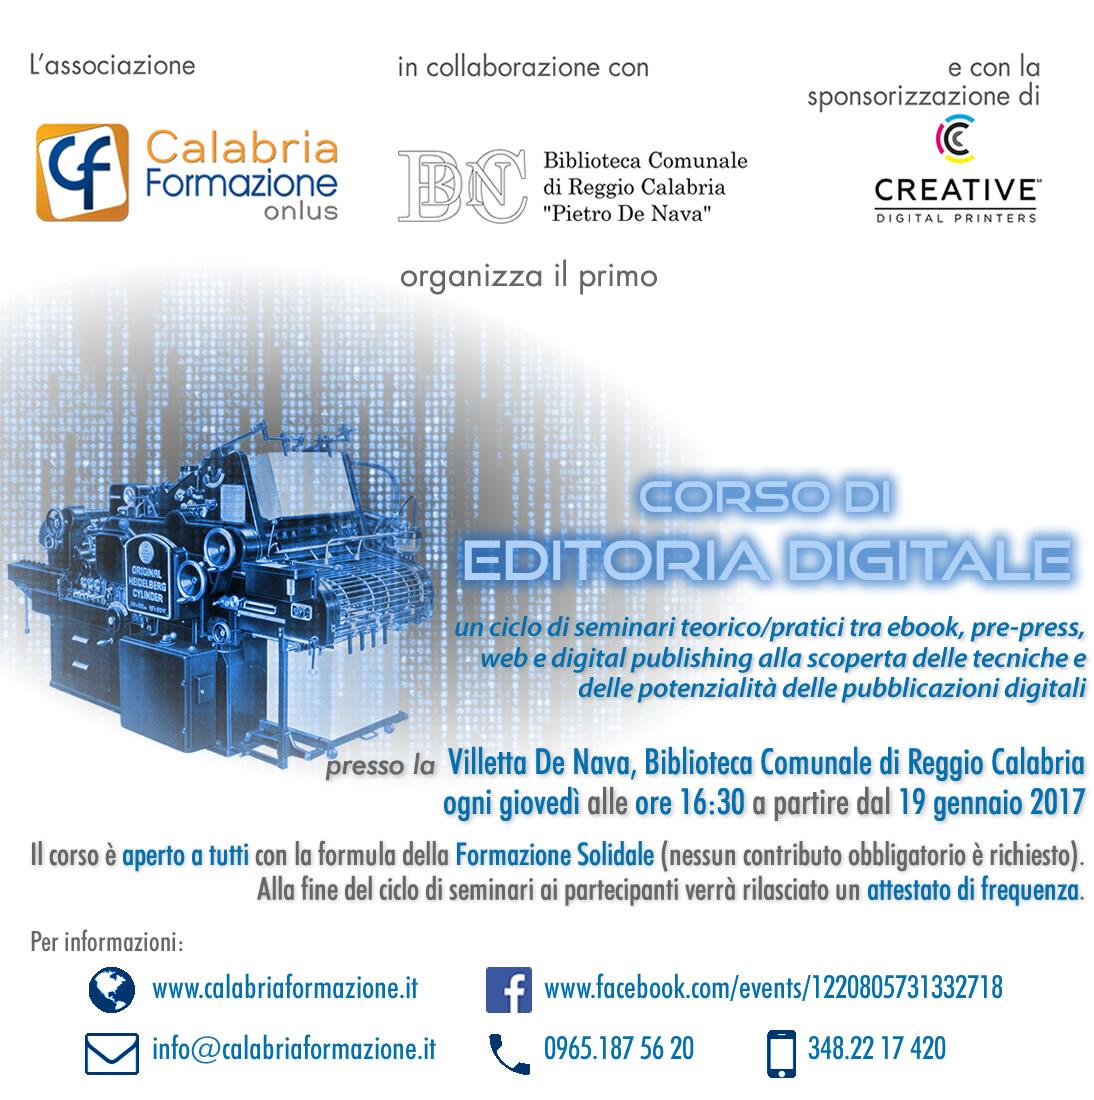 Reggio Calabria: Ecco il programma completo del Corso di Editoria Digitale di Calabria Formazione